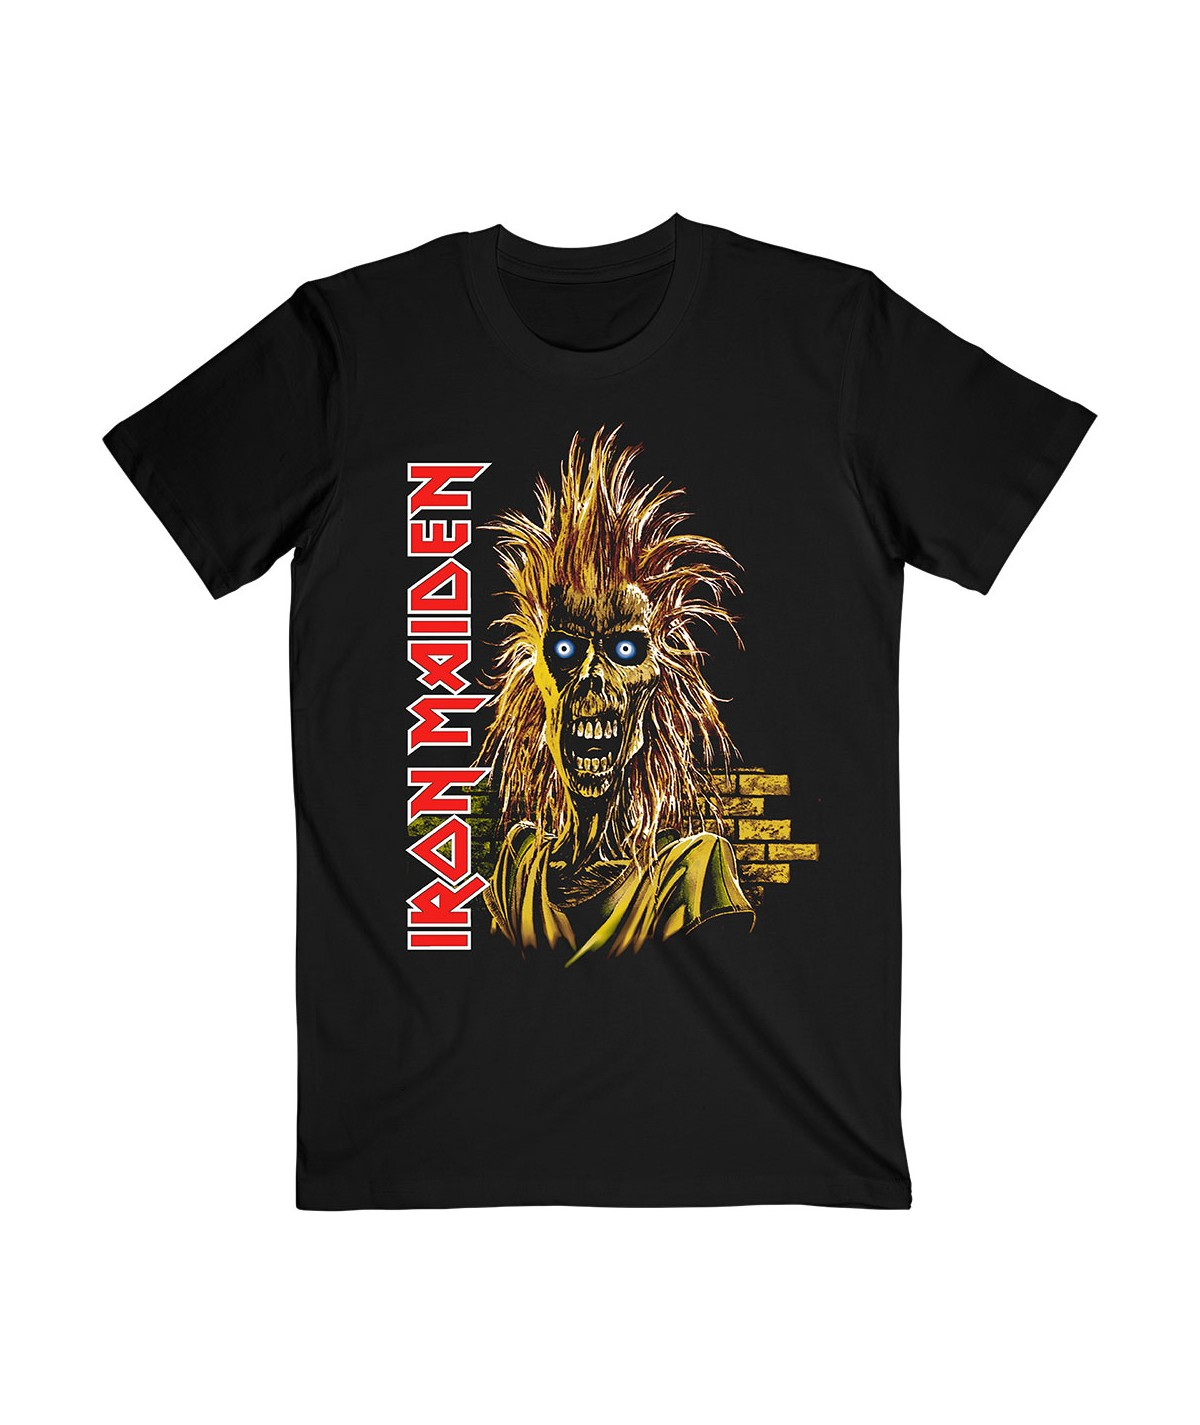 Tricou Unisex Iron Maiden: First Album 2